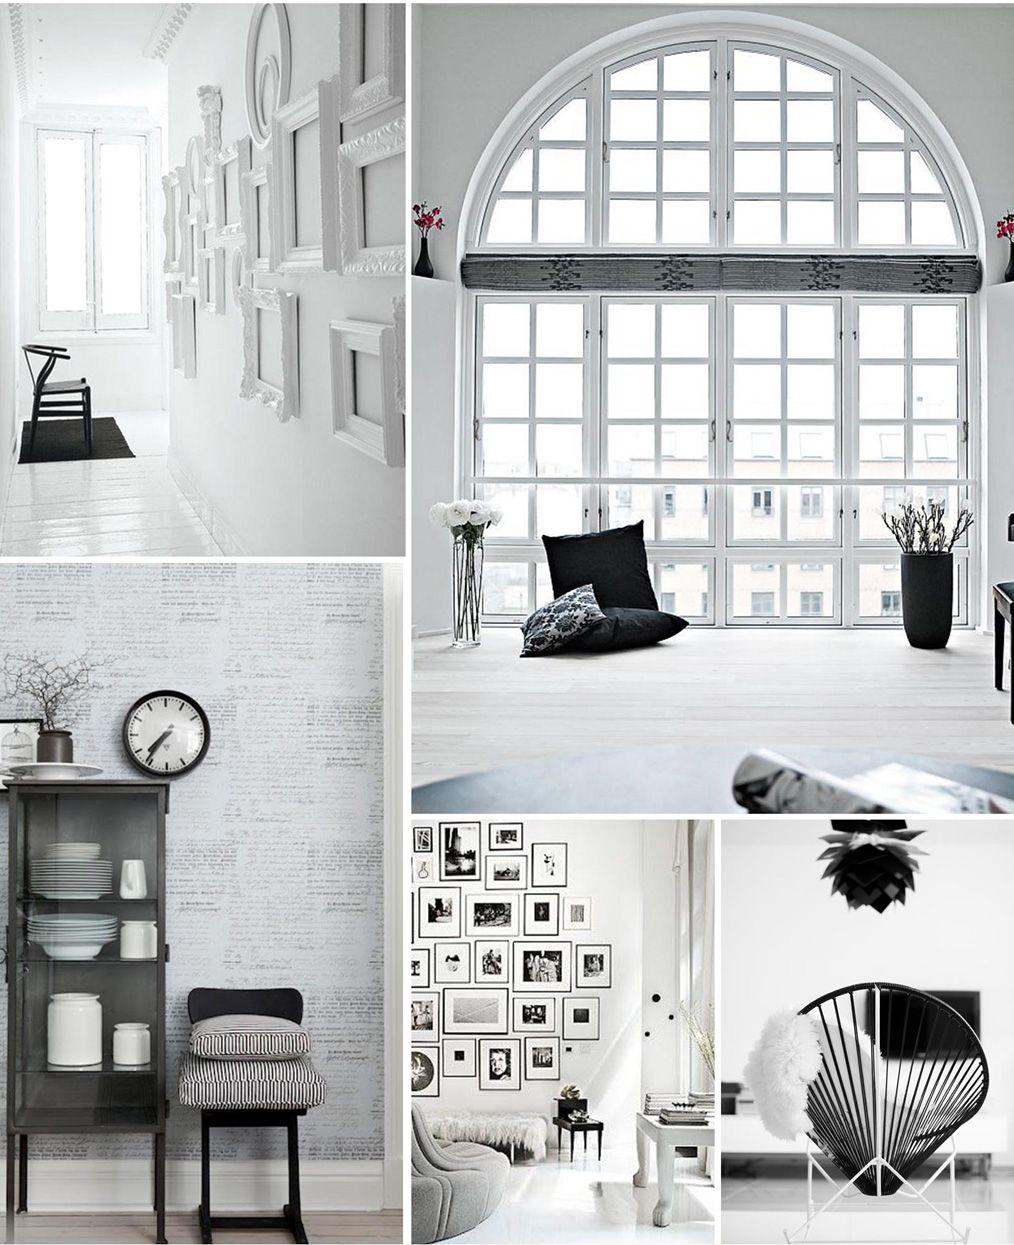 interior konzepte schwarz wei - Wohnen Schwarz Weis